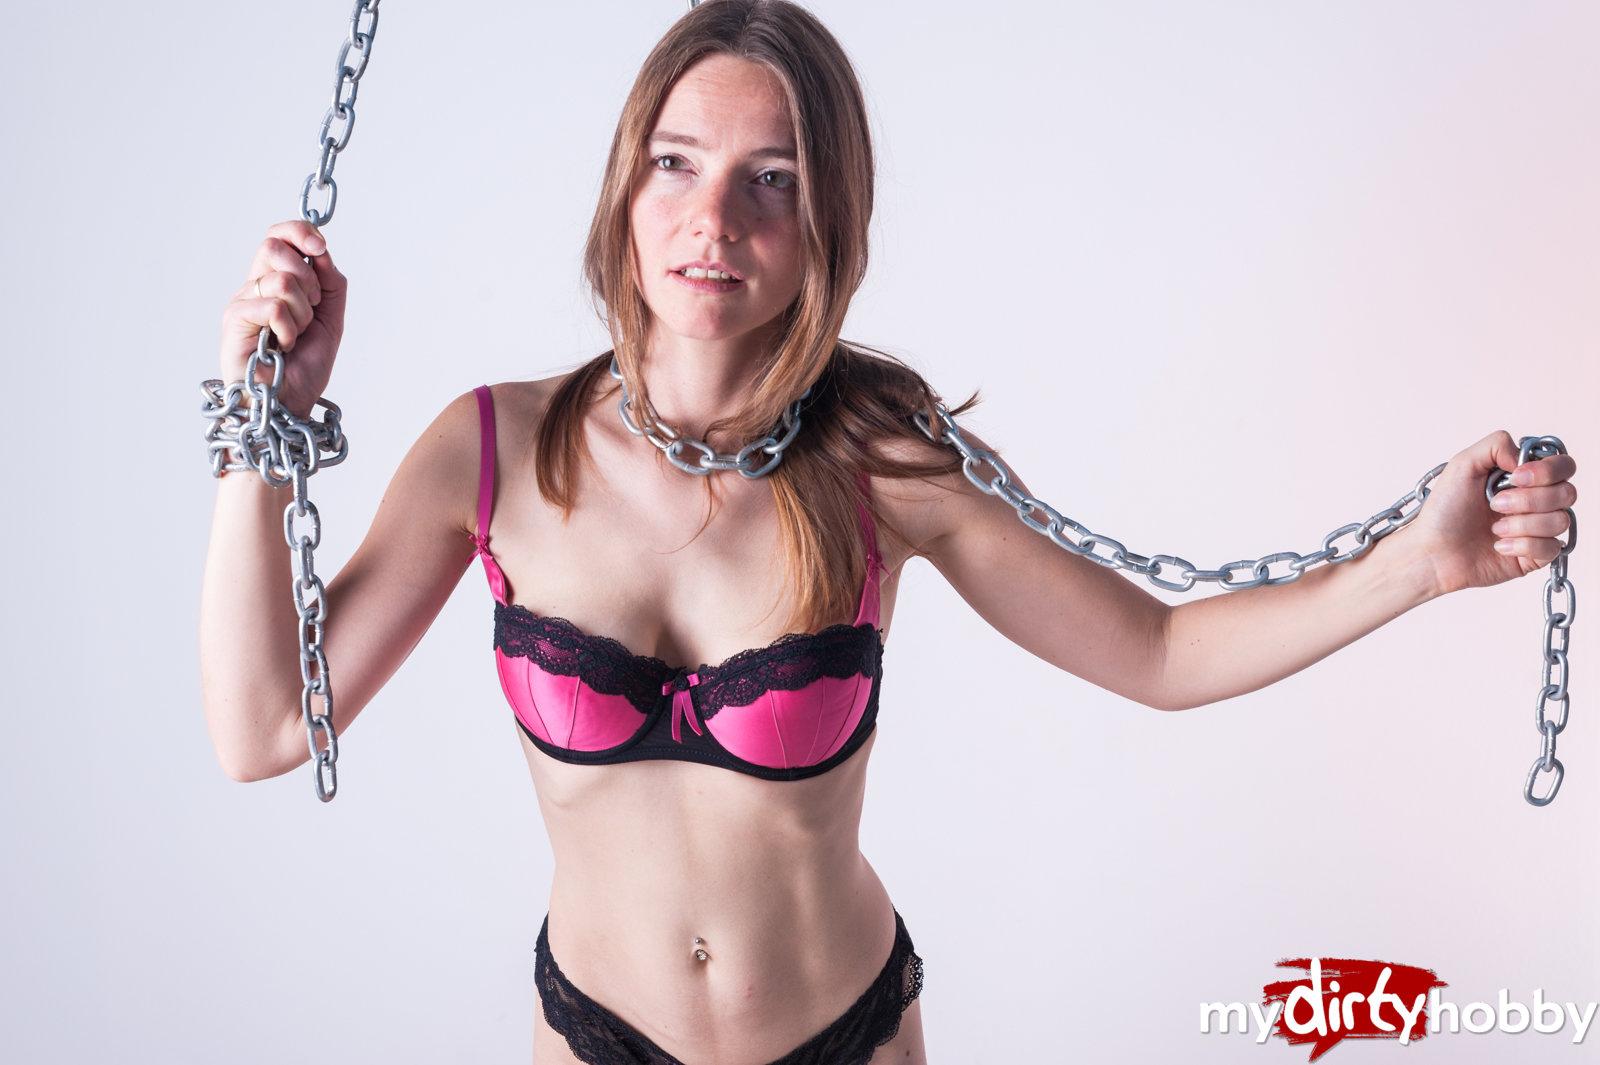 Brutal amateur foot fisting porn with KarinaHH 2021 Elite Porn